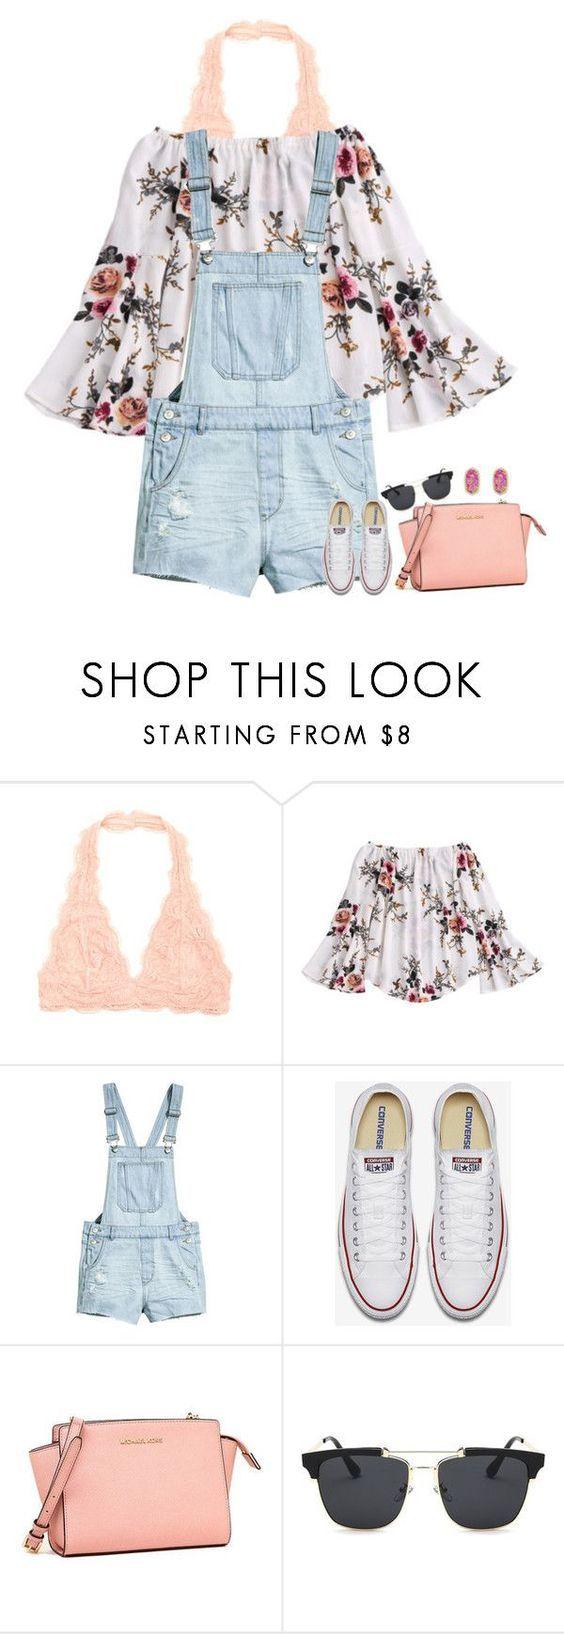 36 Fashion Ideas